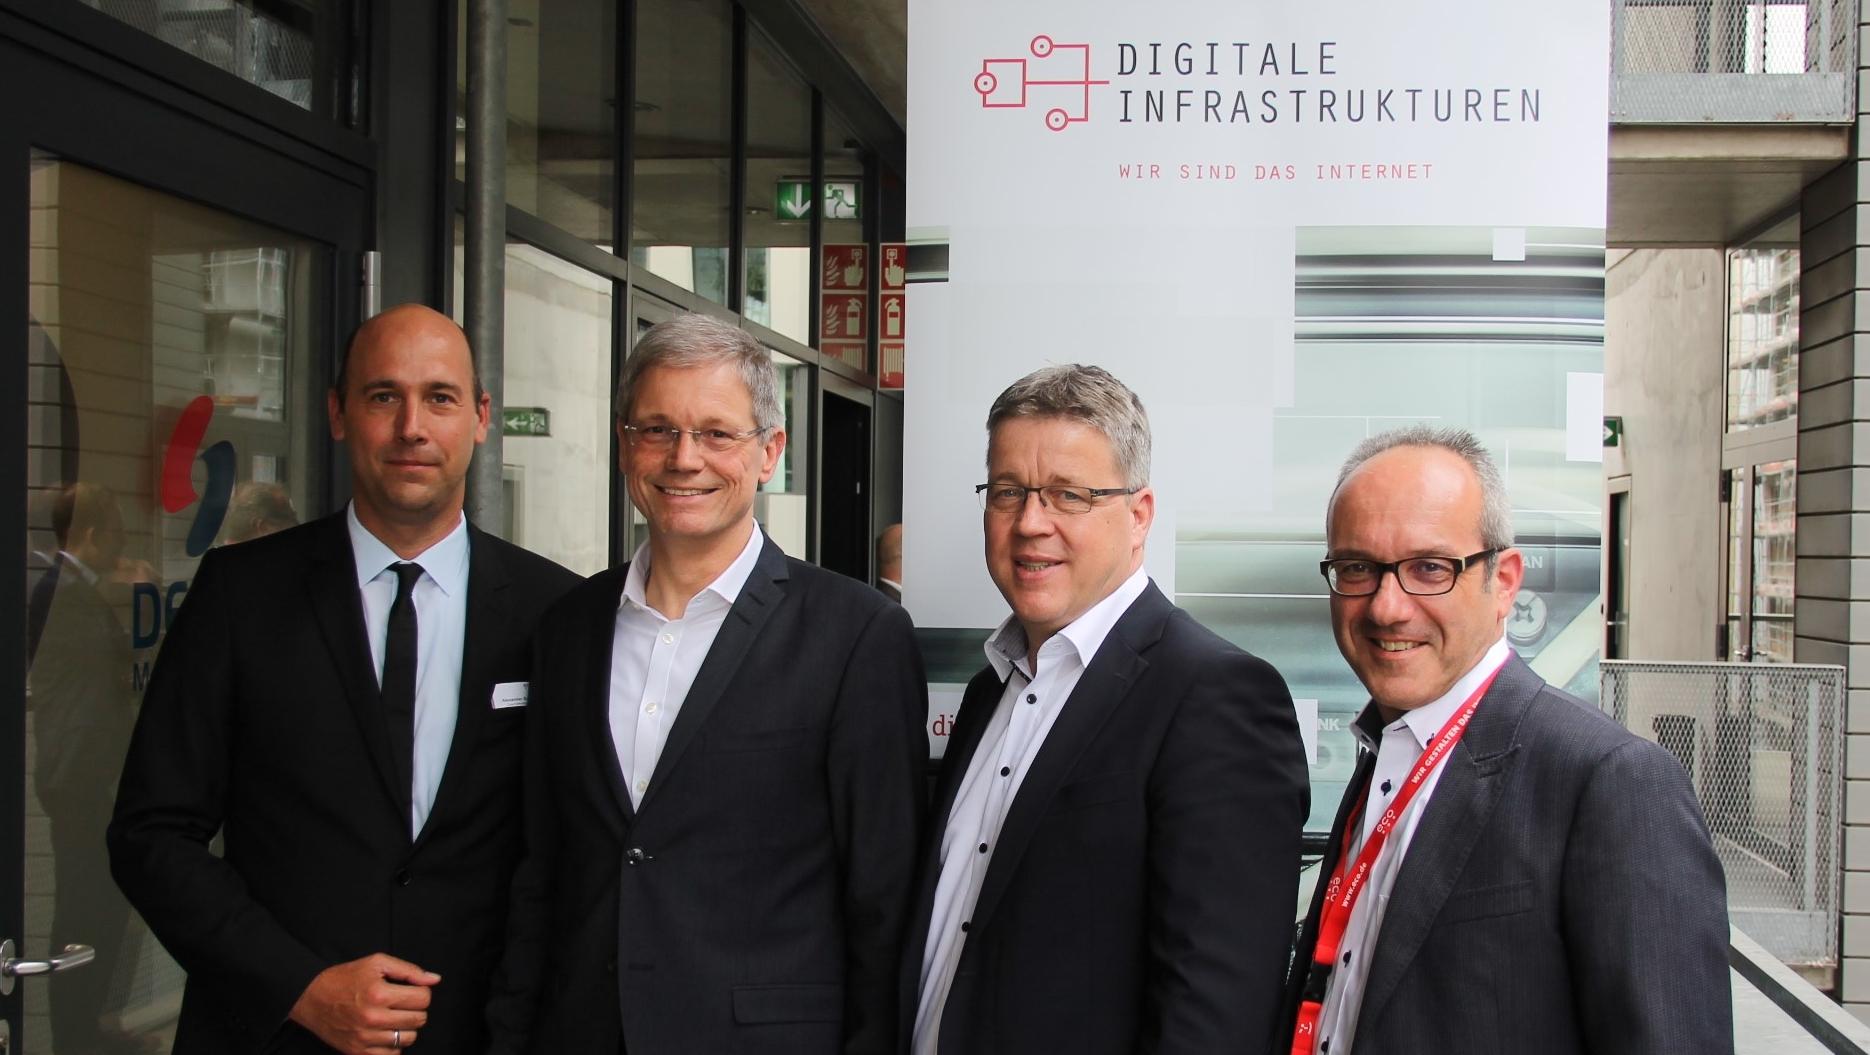 Rechenzentren wollen bundespolitische Aufmerksamkeit für digitale Infrastrukturen